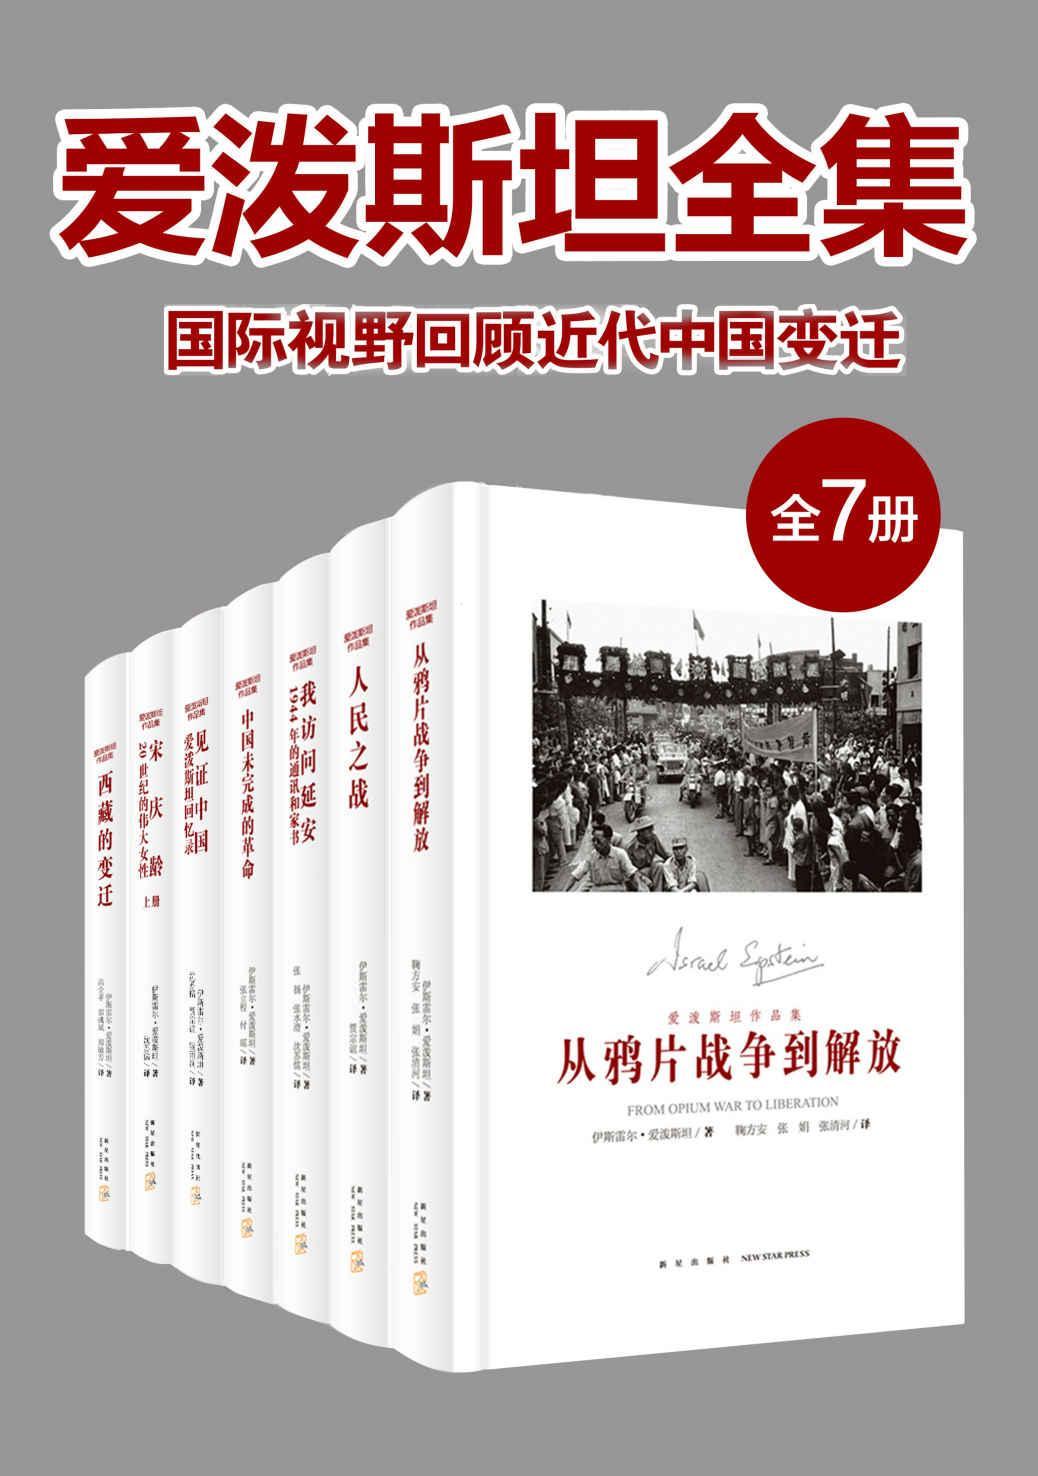 爱泼斯坦全集:国际视野回顾近代中国变迁(套装全7册)pdf-epub-mobi-txt-azw3